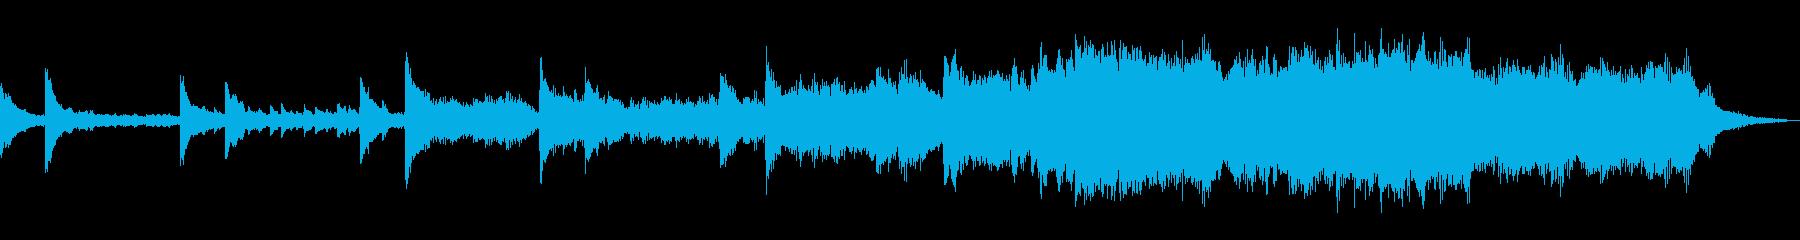 時を刻むようなピアノのオープニングの再生済みの波形